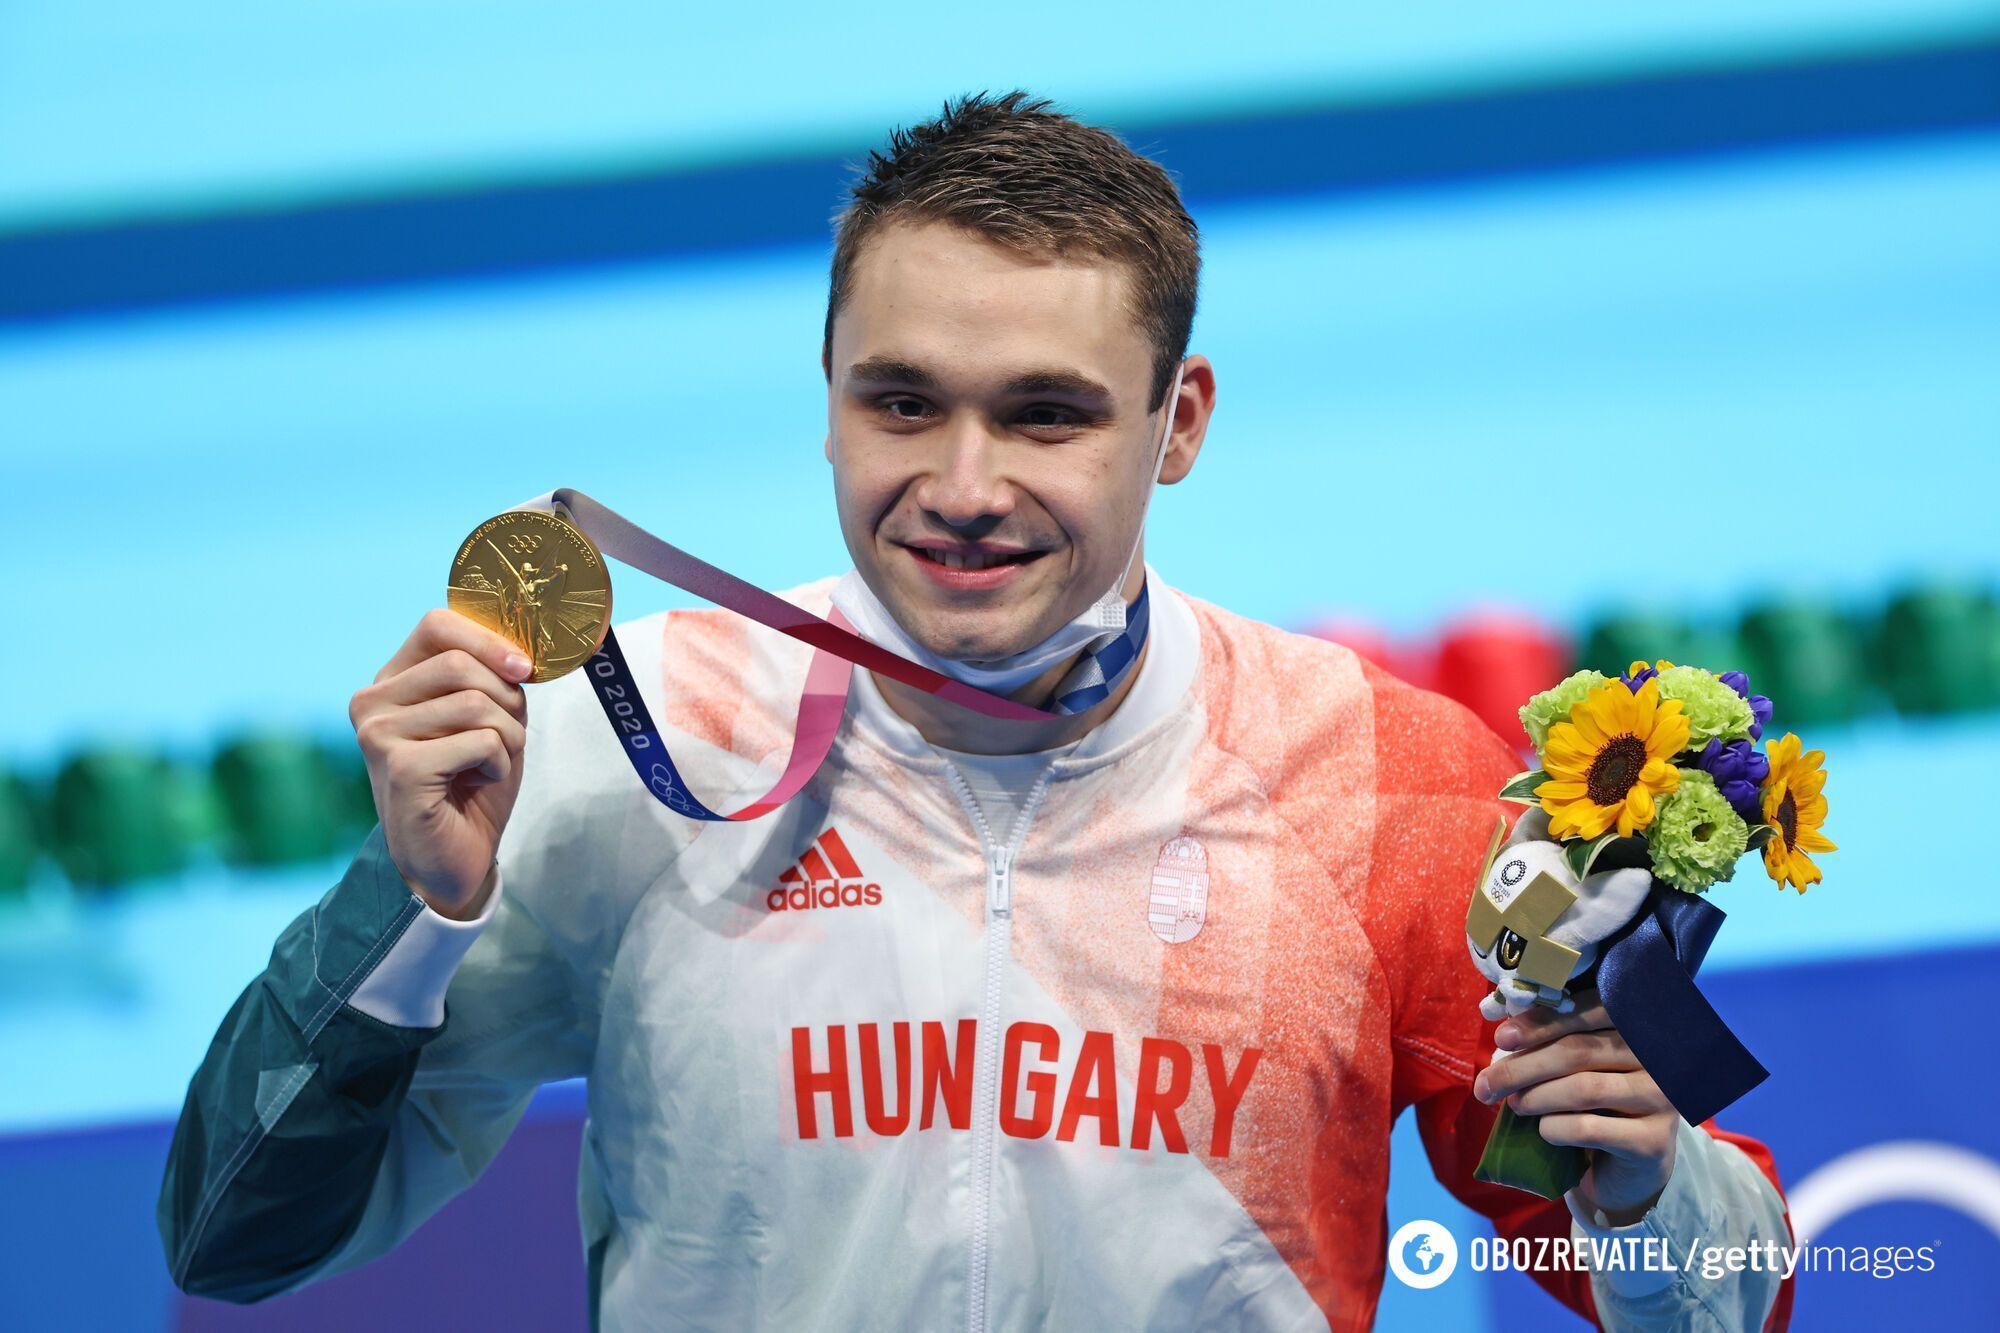 Кристоф Милак с медалью